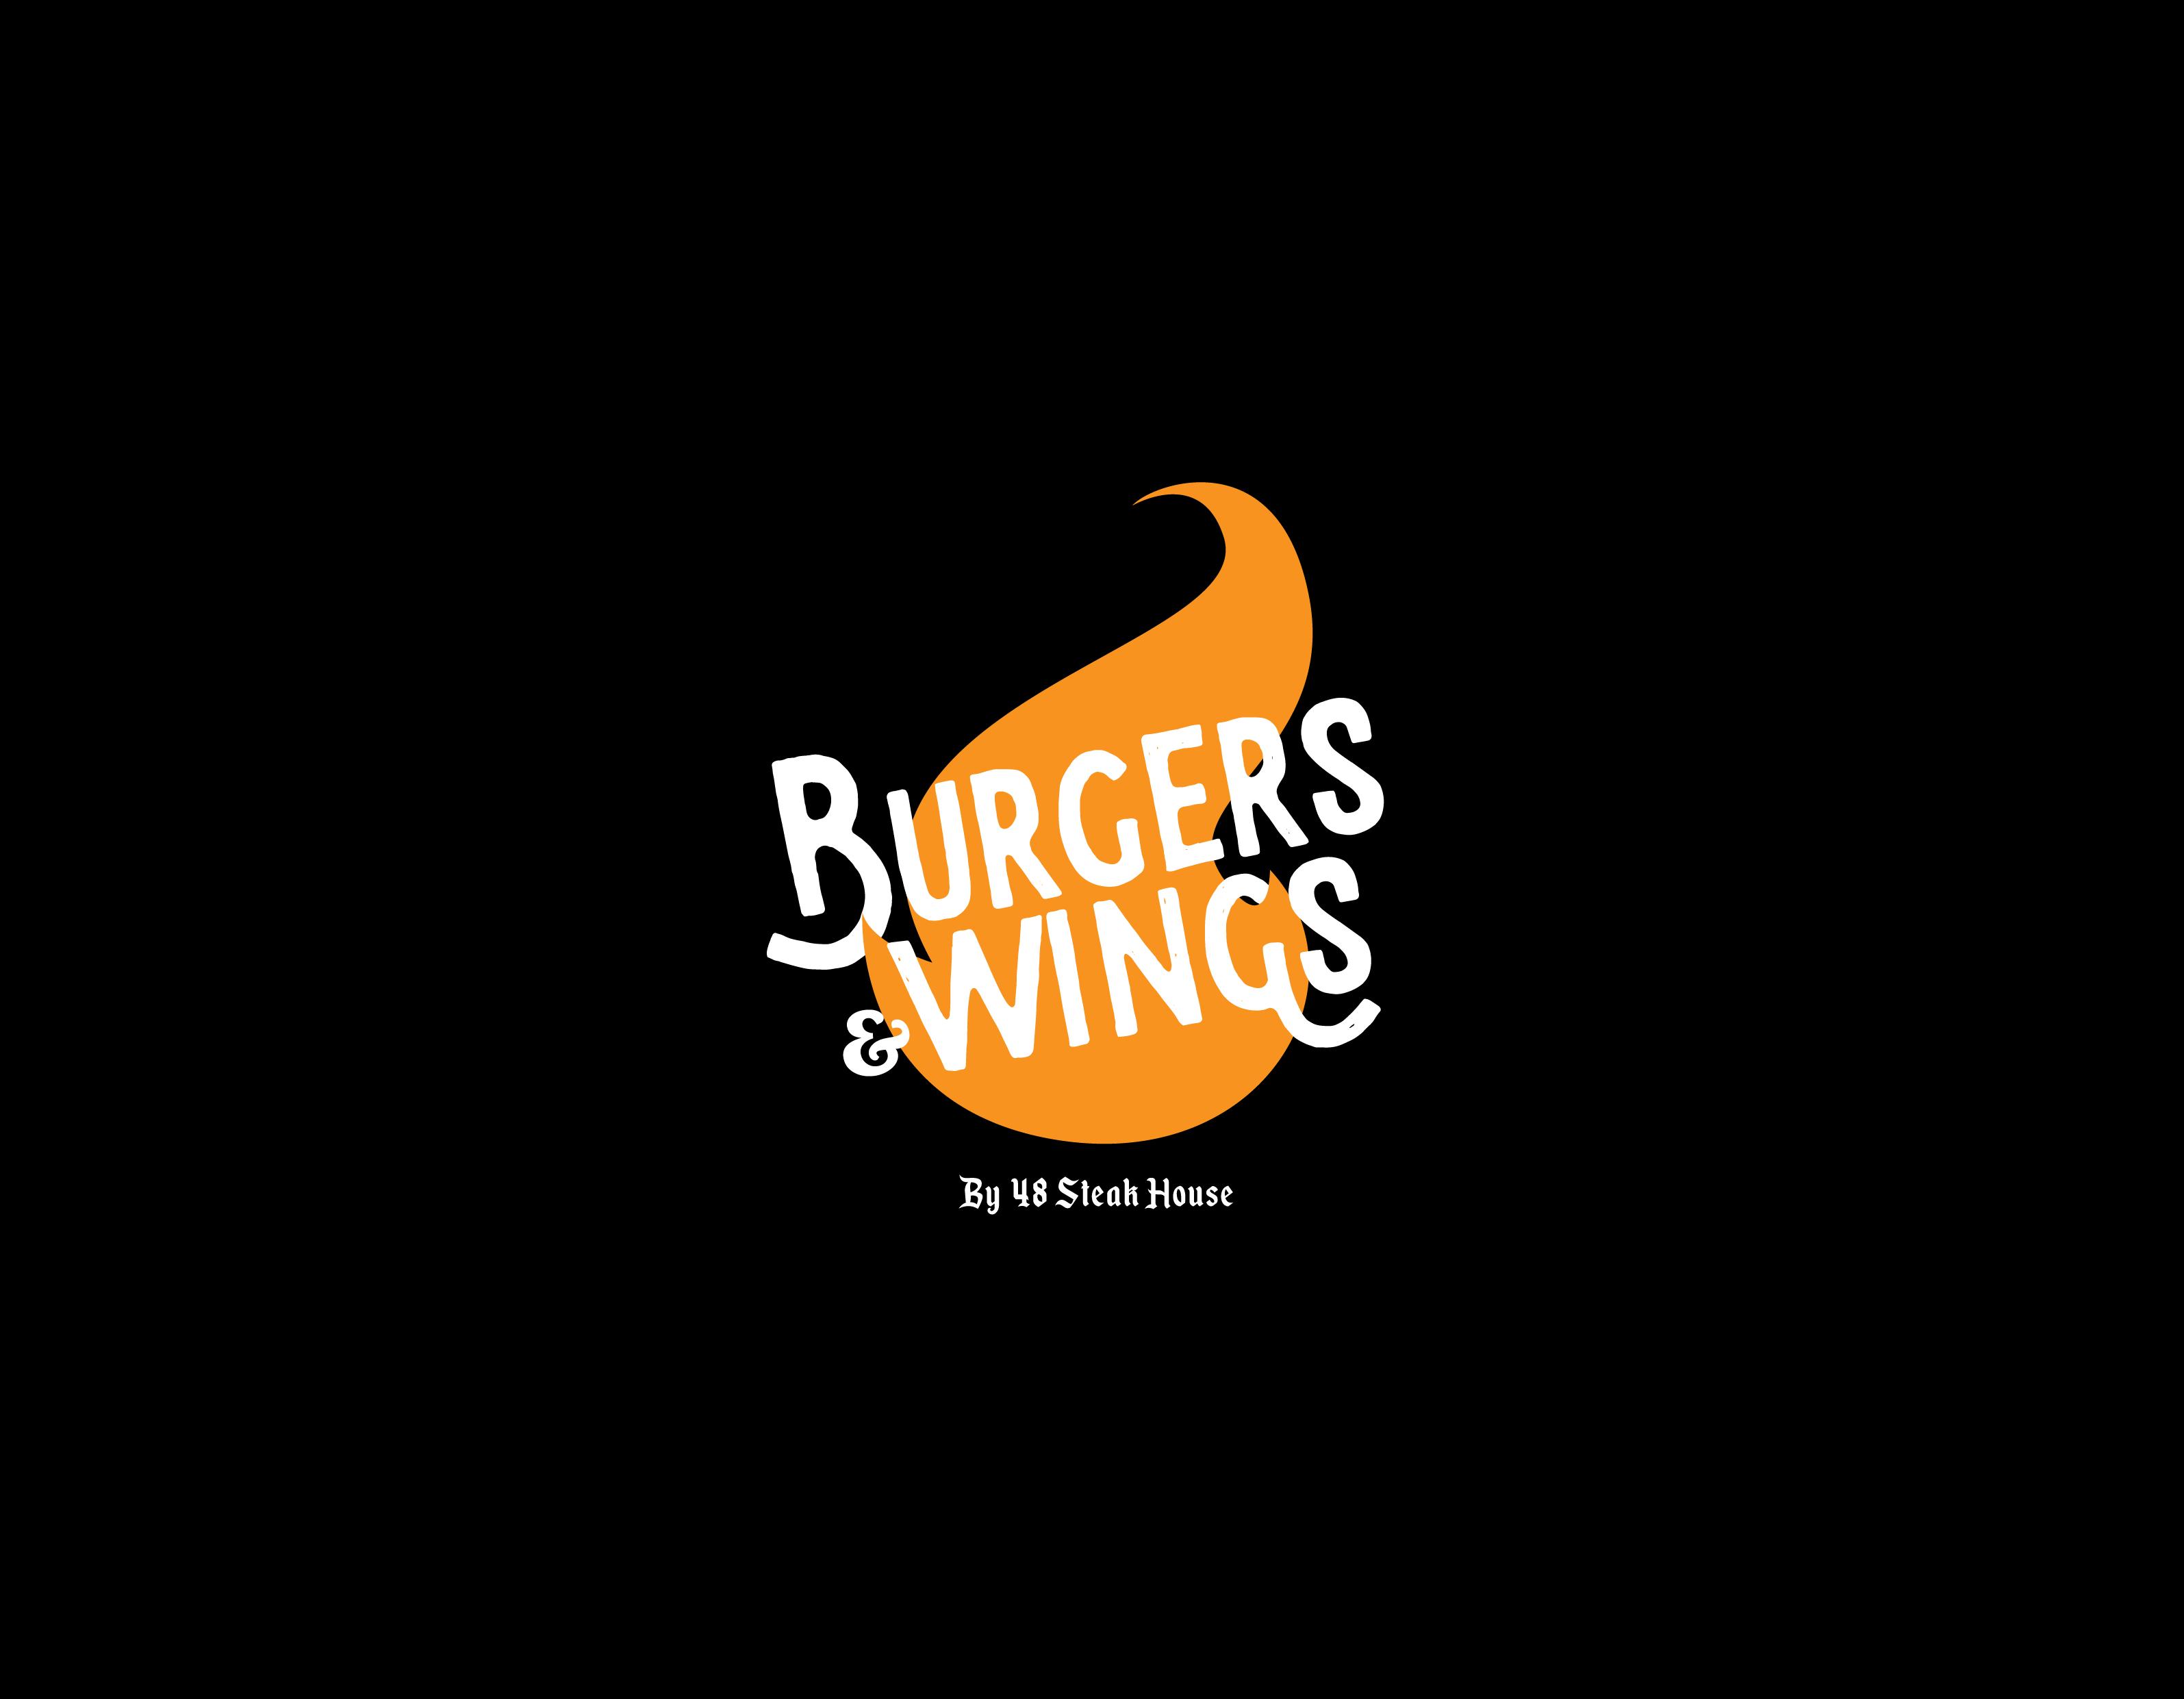 Burgers_Wings - BrandFinal_Mesa de trabajo 1 copia 2